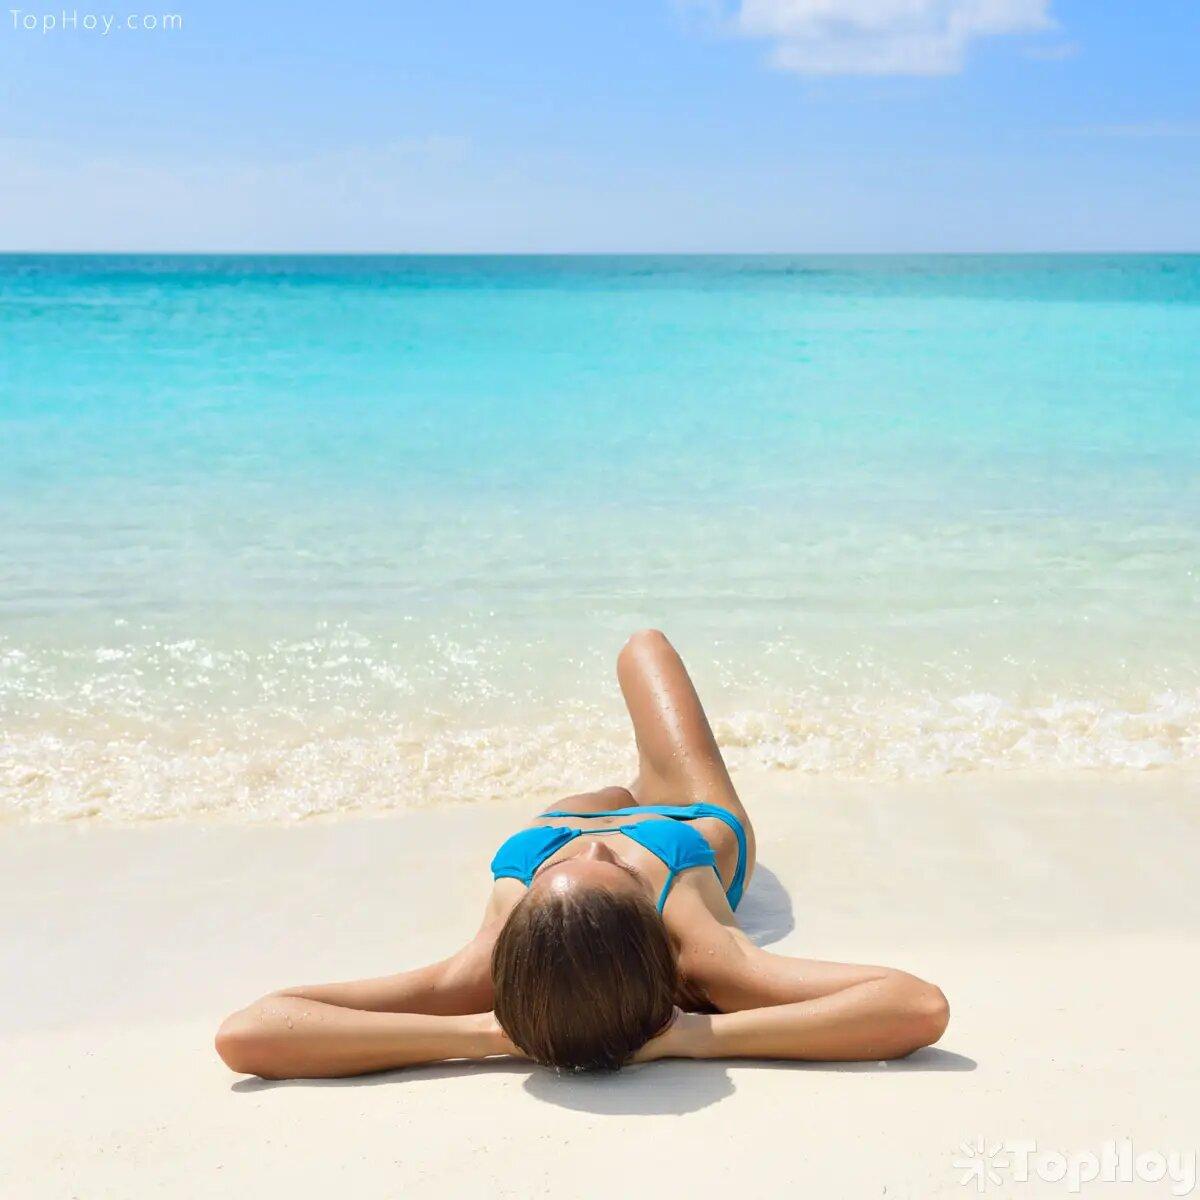 Secarse al sol provoca daños a la piel, pues el agua hace el efecto de lupa y favorece la aparición de quemaduras.